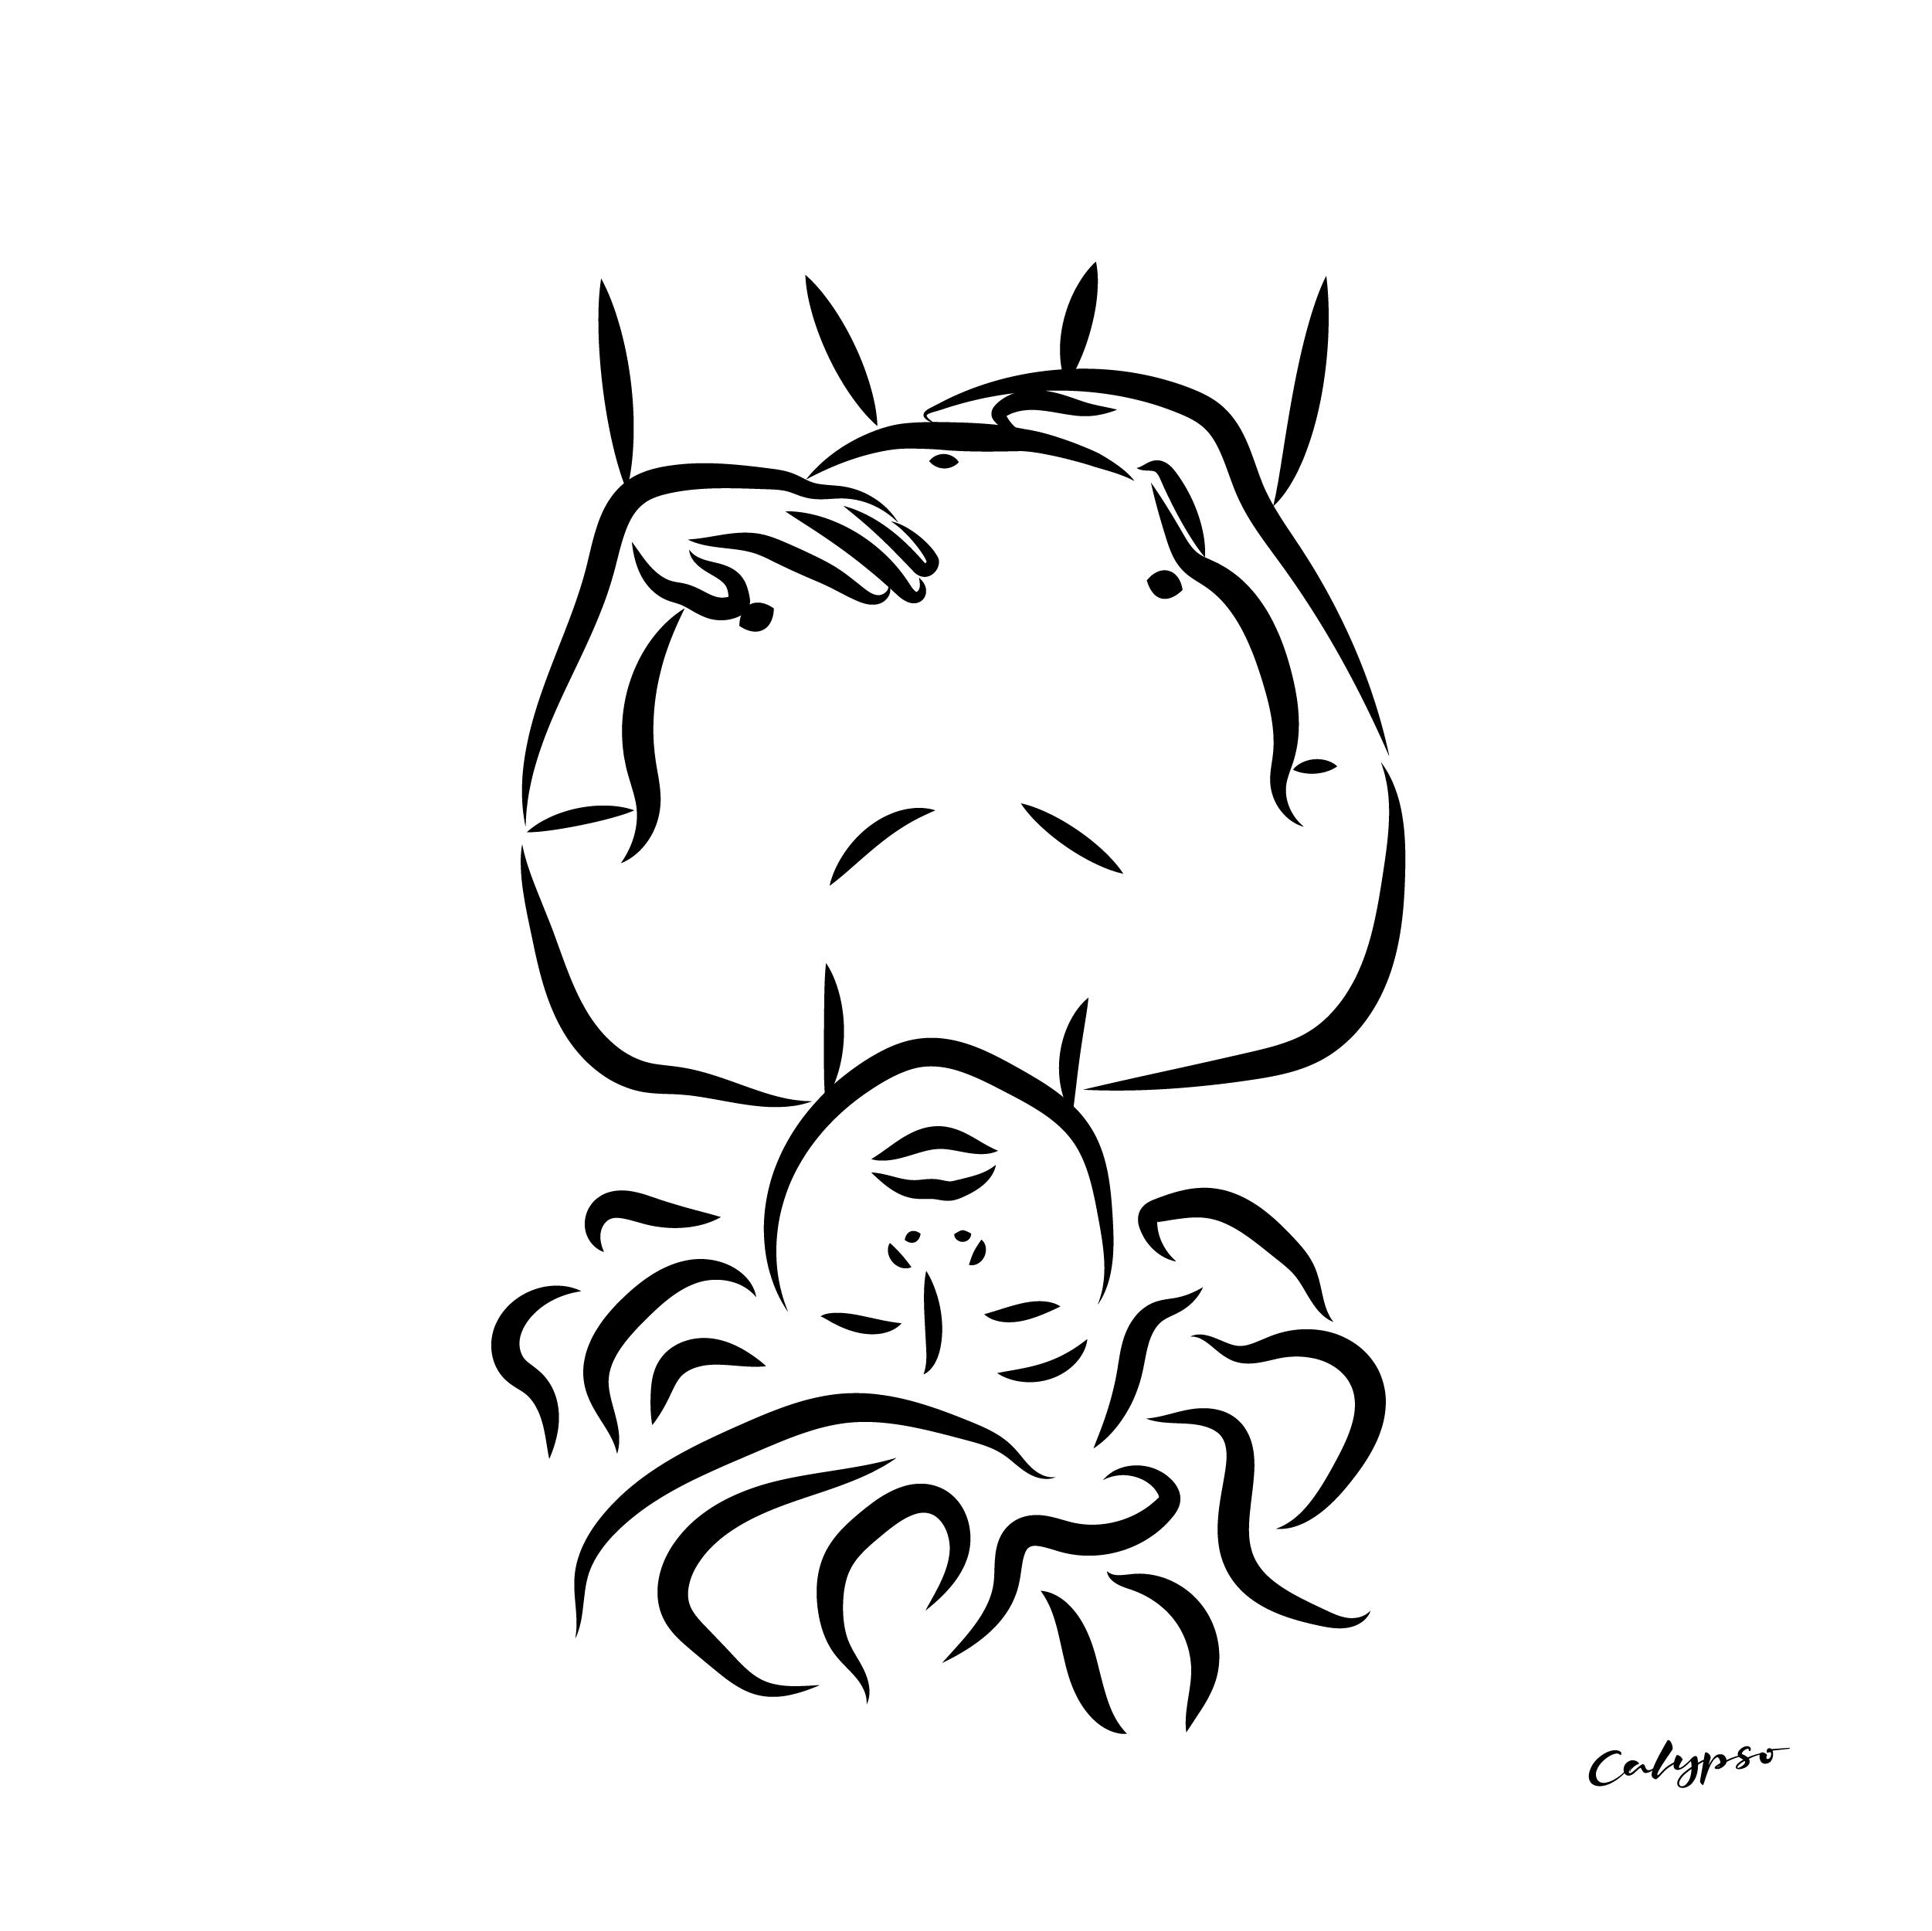 femme jouissance illustration noir et blanc